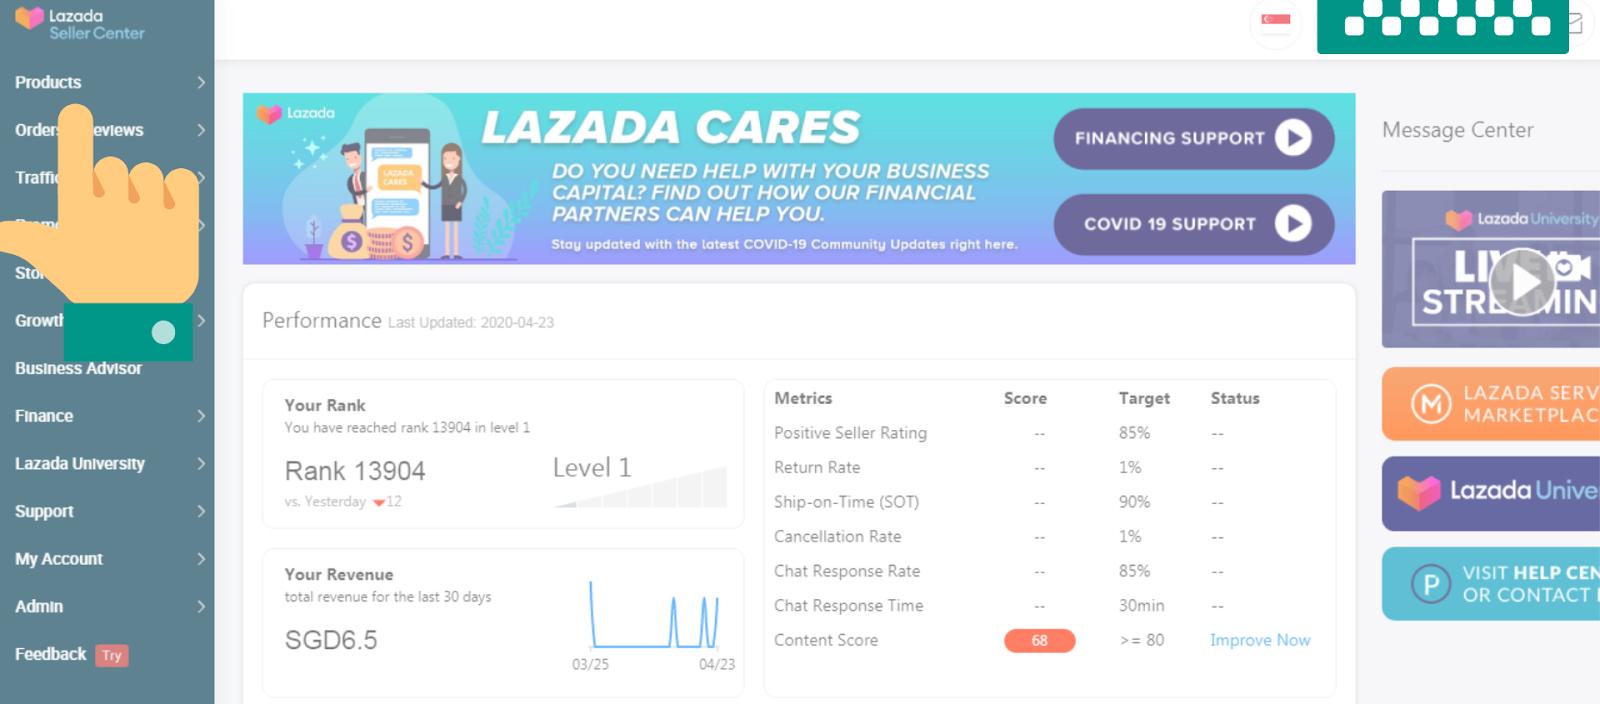 Nghiên cứu từ khóa - Cách tìm cụm từ tìm kiếm tốt nhất cho Lazada và Shopee